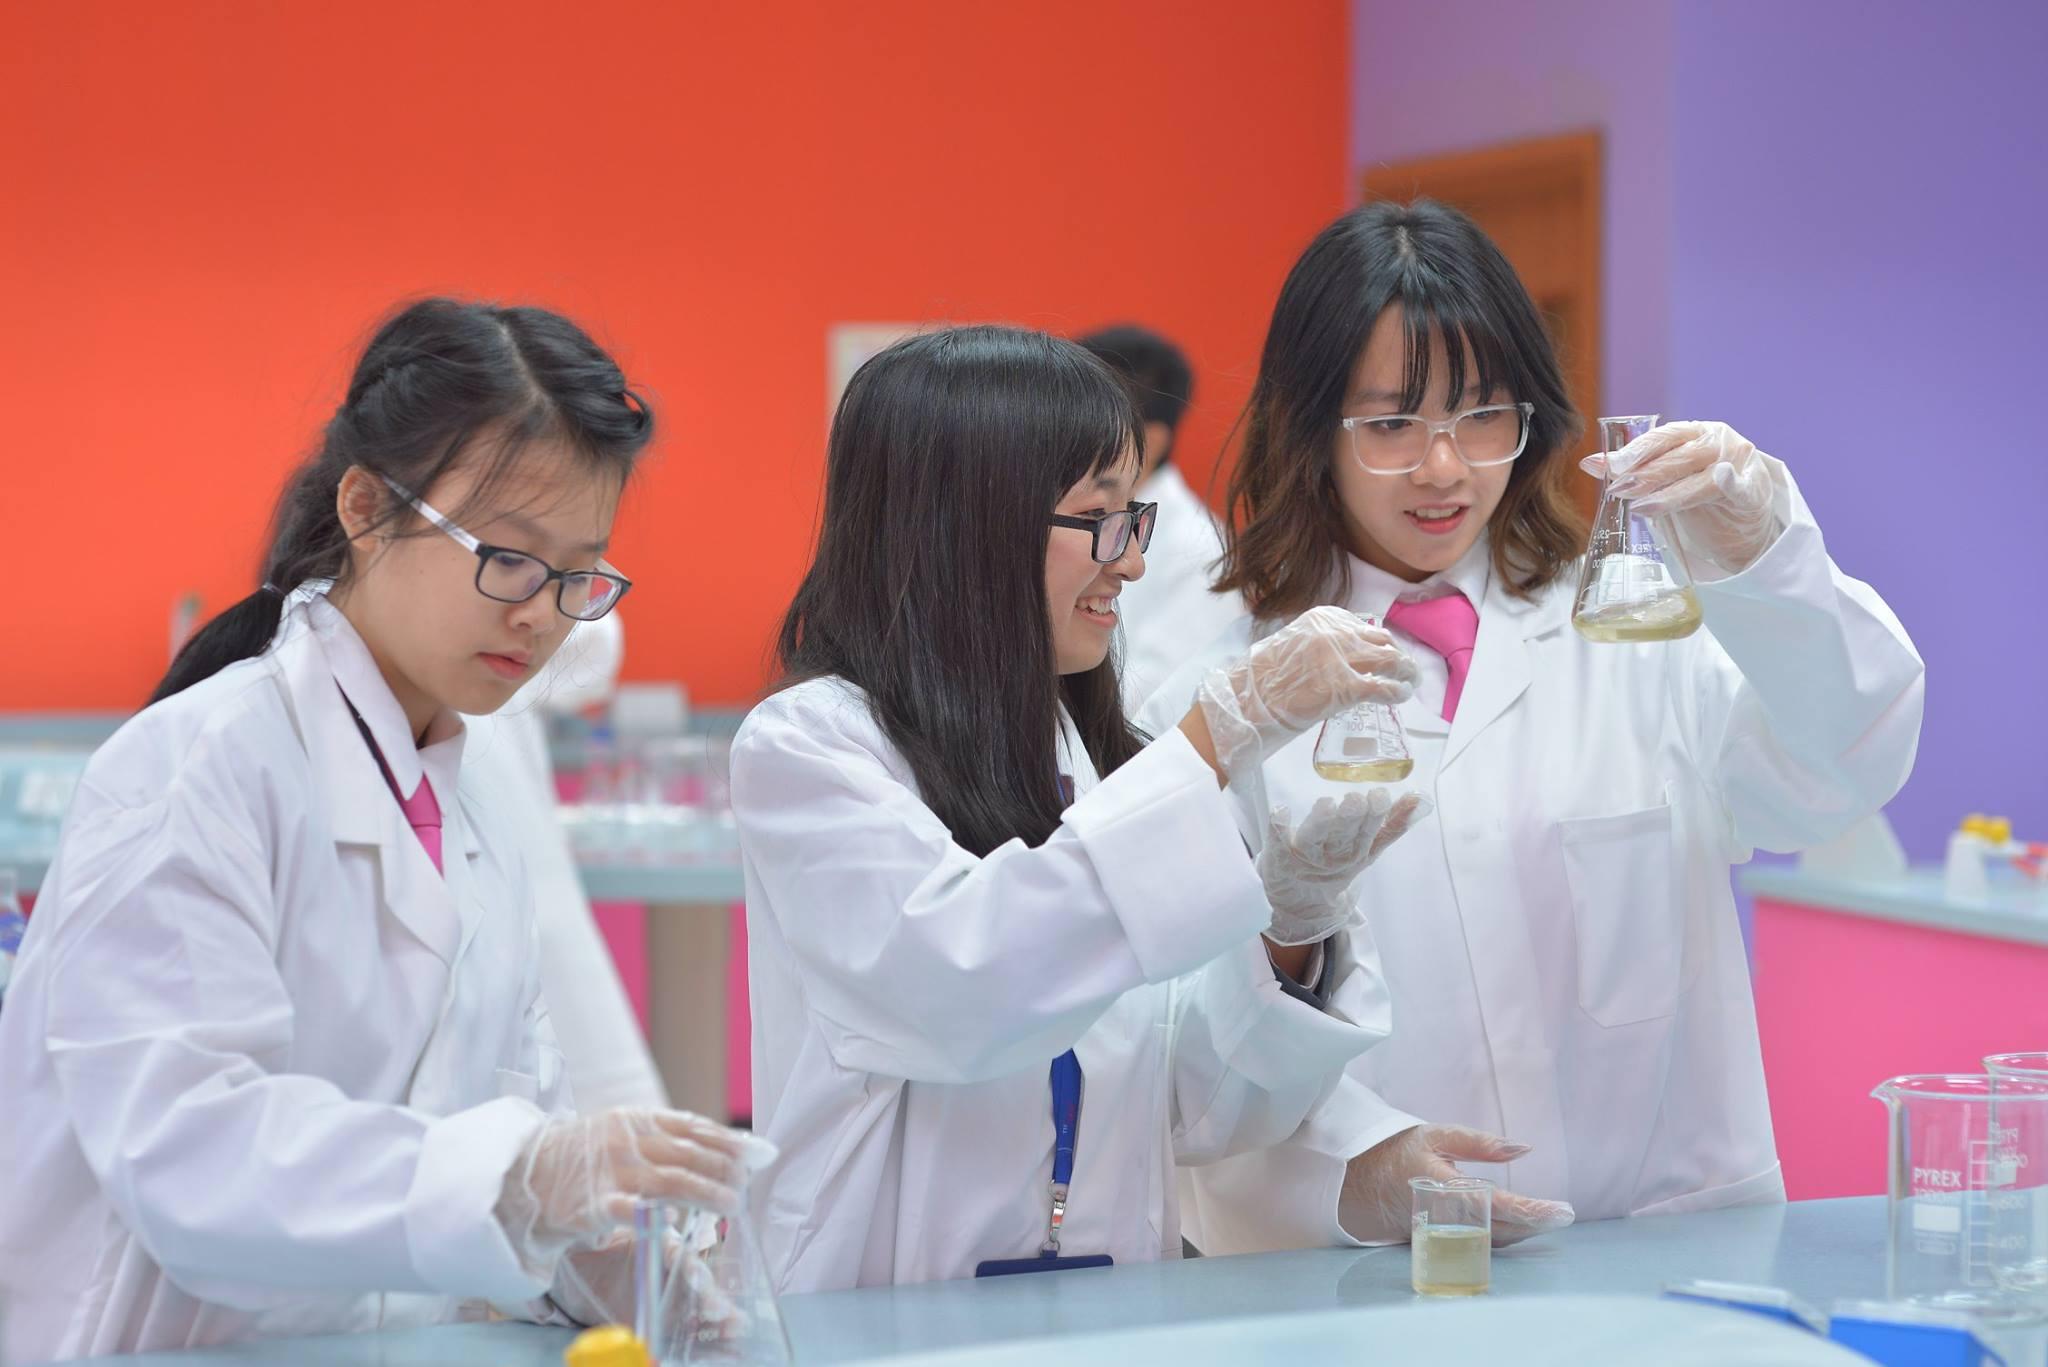 """""""Đột nhập"""" trường nội trú chuẩn quốc tế ở Hà Nội: Học phí nửa tỷ đồng/năm, con đi học một thời gian mà thay đổi 180 độ - Ảnh 11."""